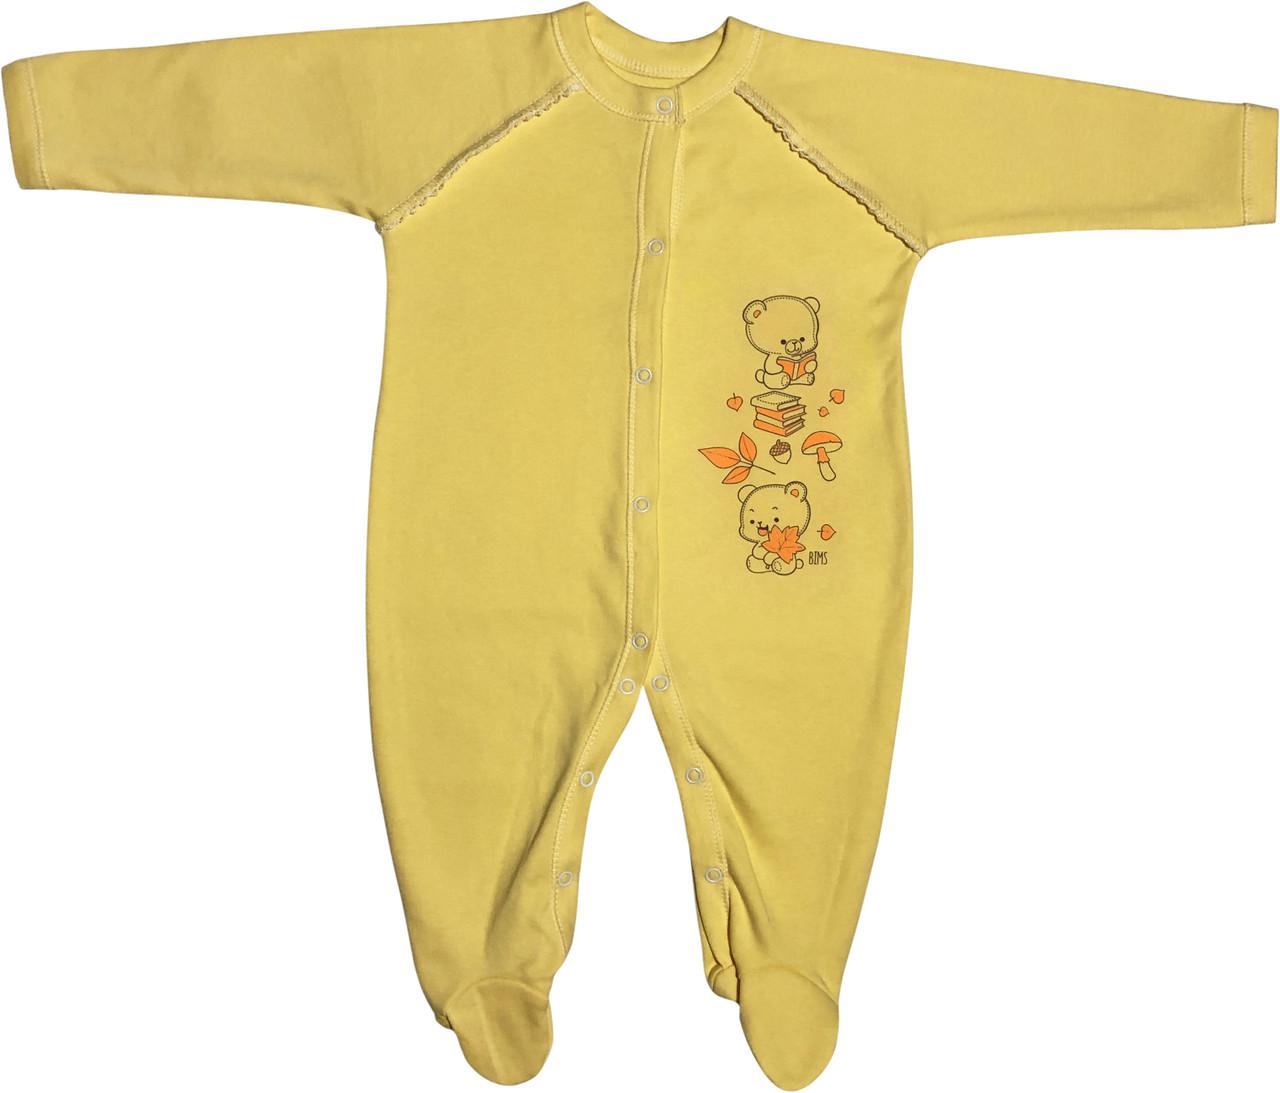 Тёплый человечек слип с начёсом для новорожденных рост 80 9-12 мес на мальчика девочку трикотажный жёлтый